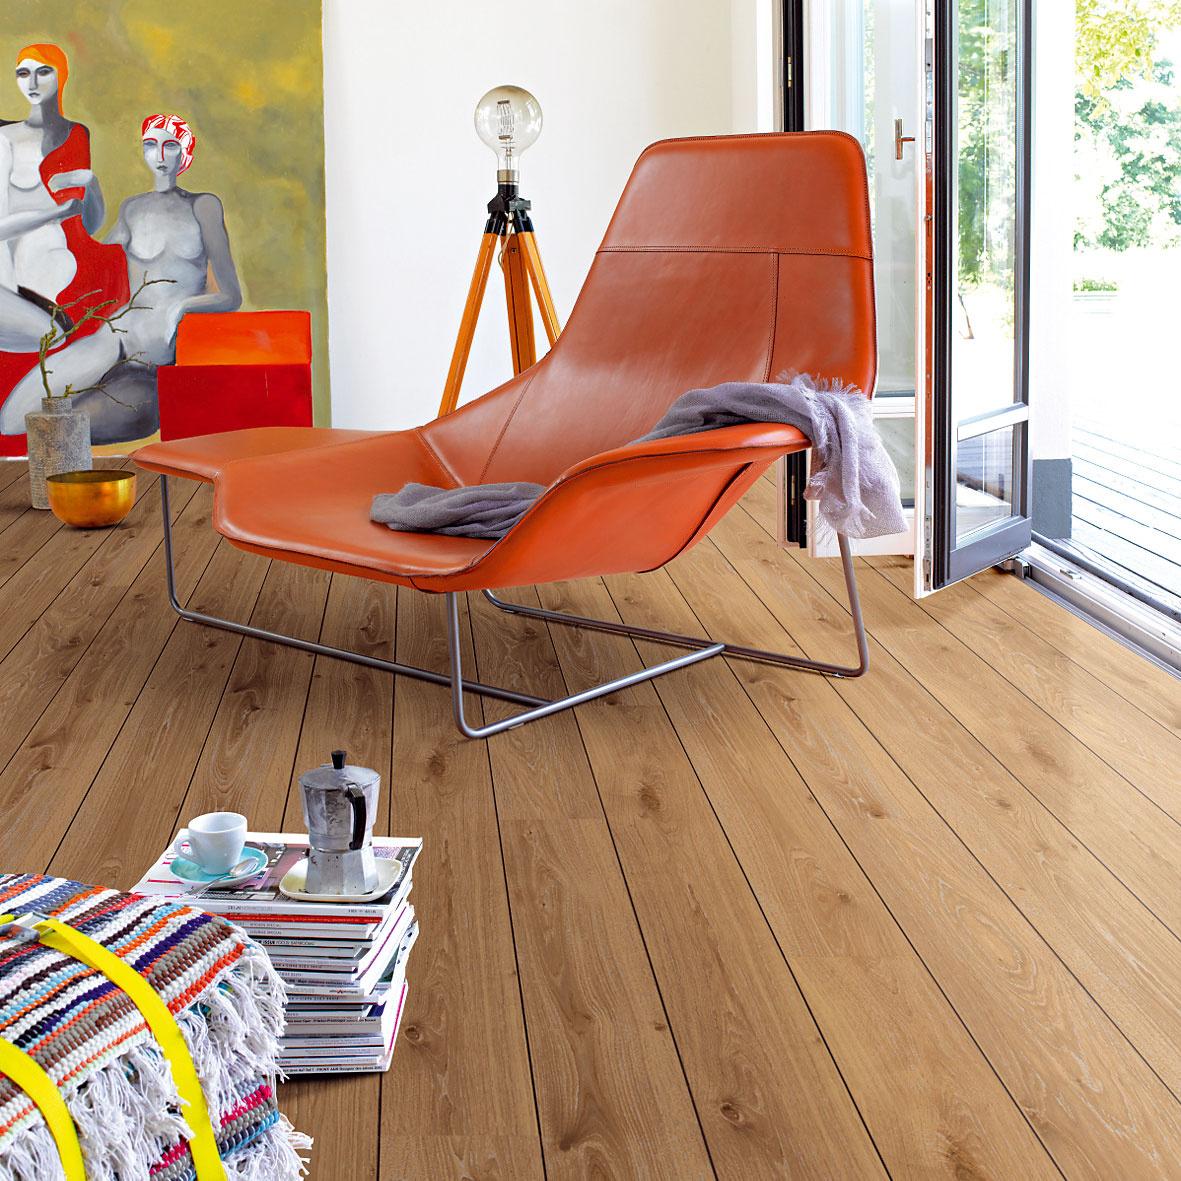 Trendom sú jednolamelové laminátové podlahy, ktoré pripomínajú jednoduchú fošňovú podlahu alebo palubovku. (foto: Parador, dekor: dub tmavý sV-drážkou, predáva Koratex.)